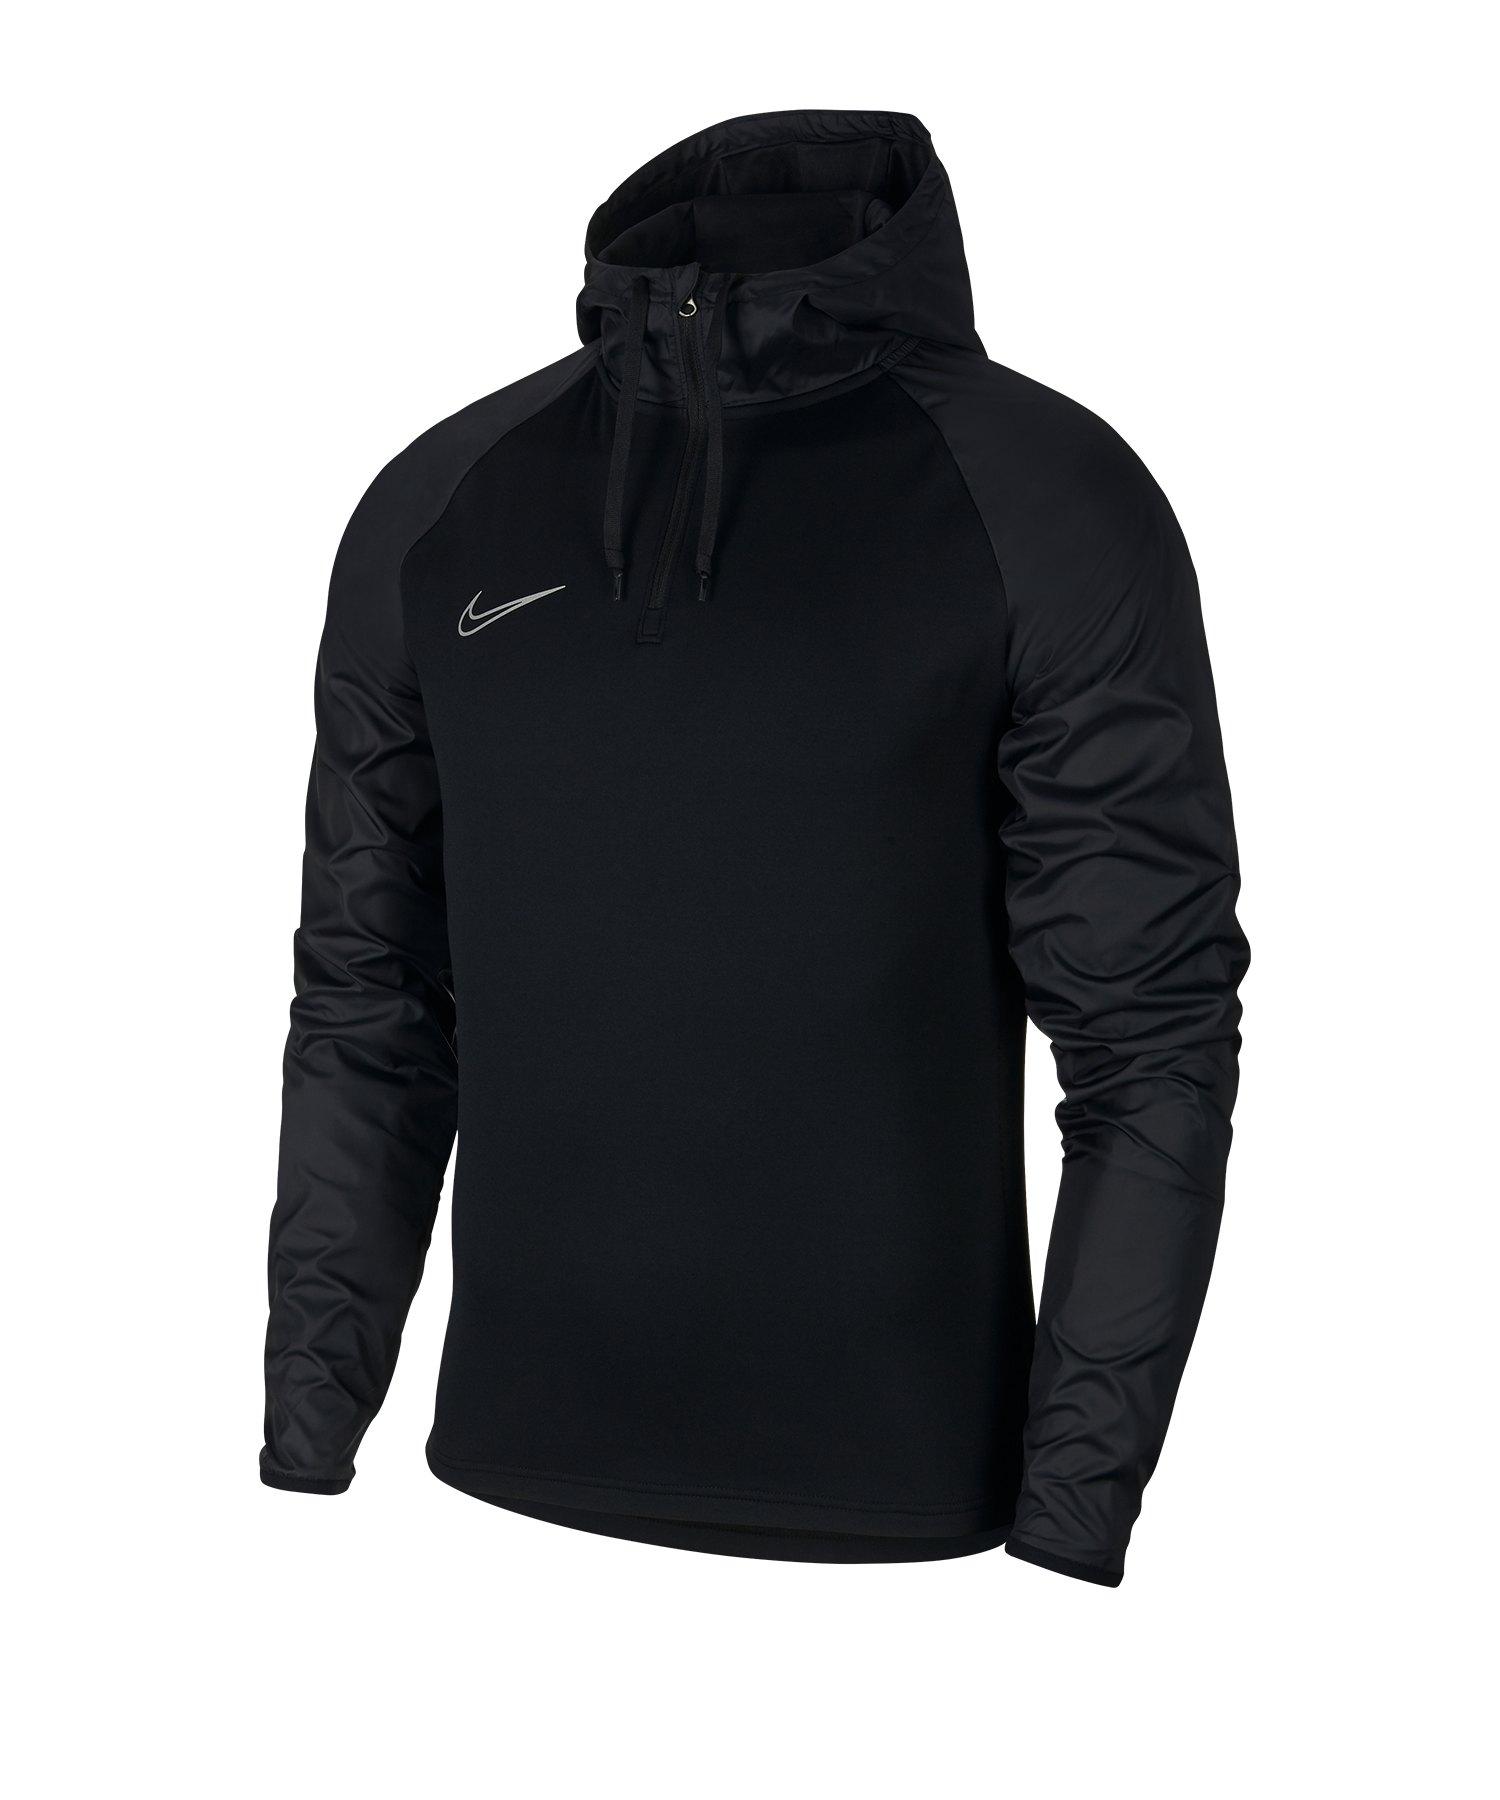 Nike Dri-FIT Academy Kapuzensweat Schwarz F010 - schwarz